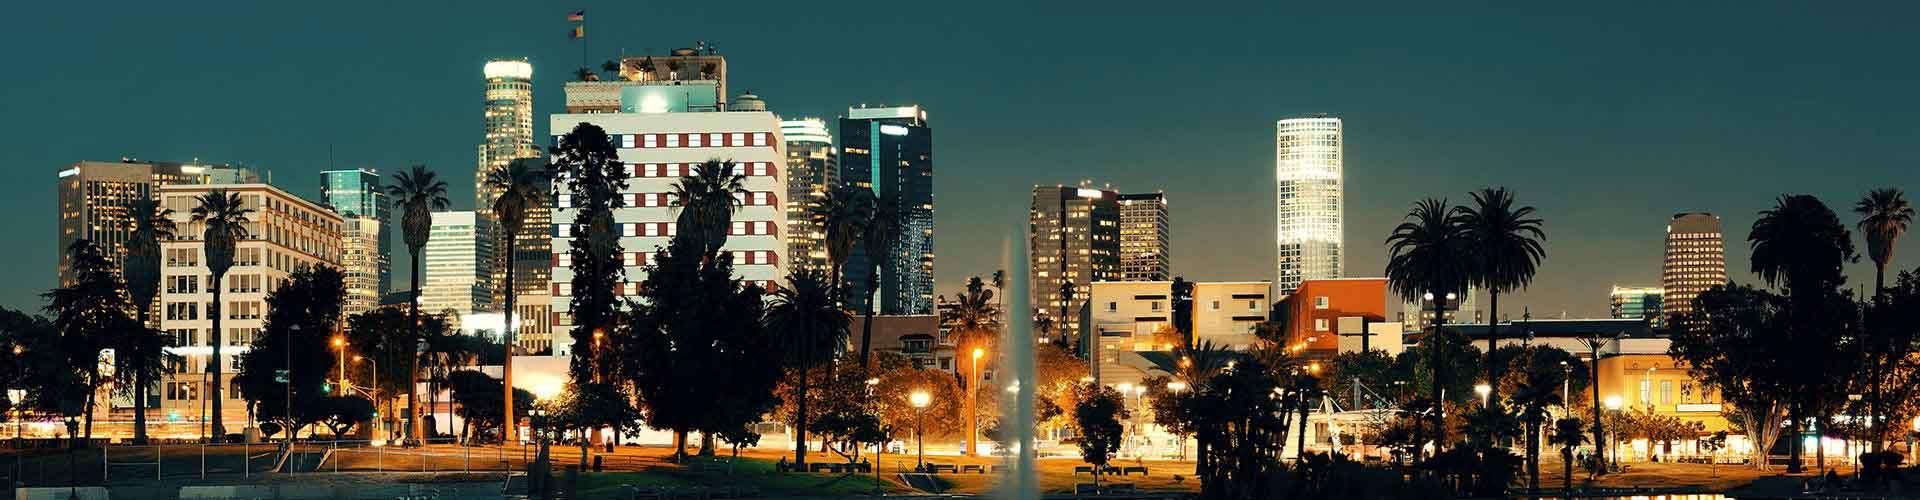 ロサンゼルス – ホステル ロサンゼルス. 地図 ロサンゼルス, すべてのホステルの写真とレビュー ロサンゼルス.